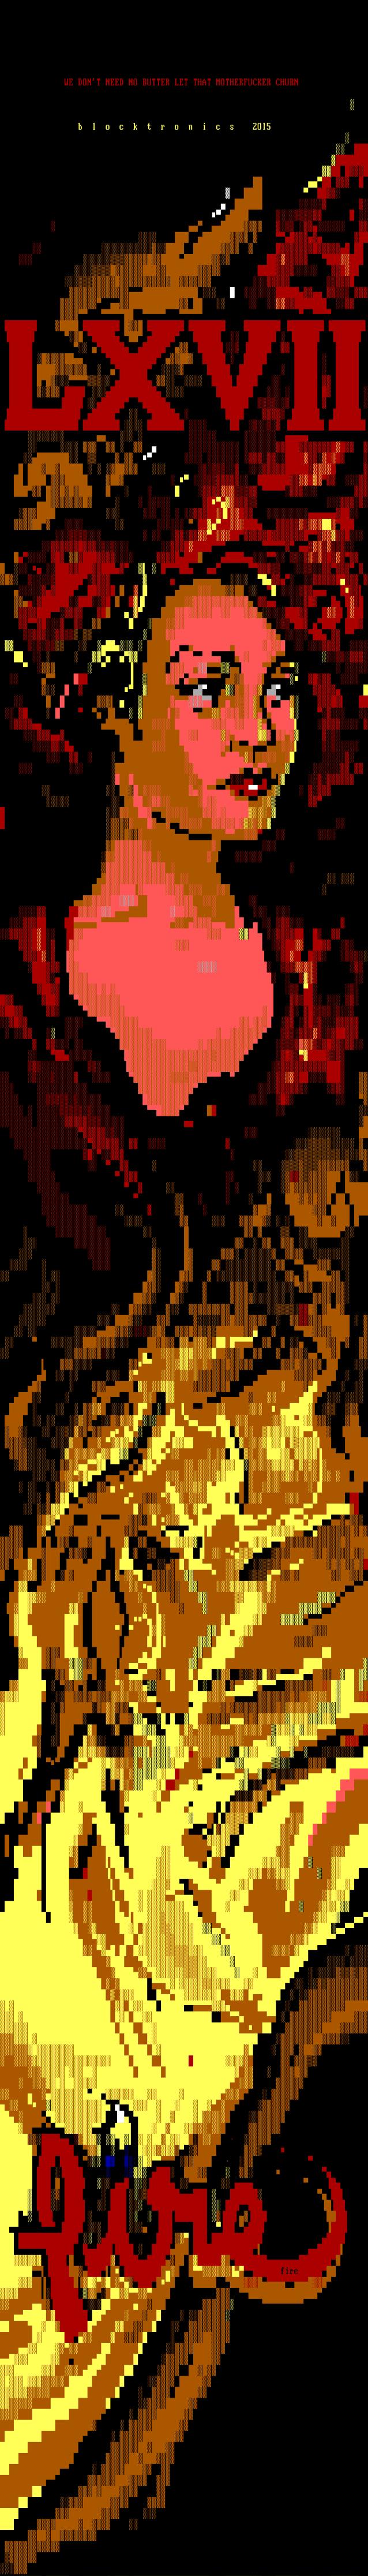 filth-fire